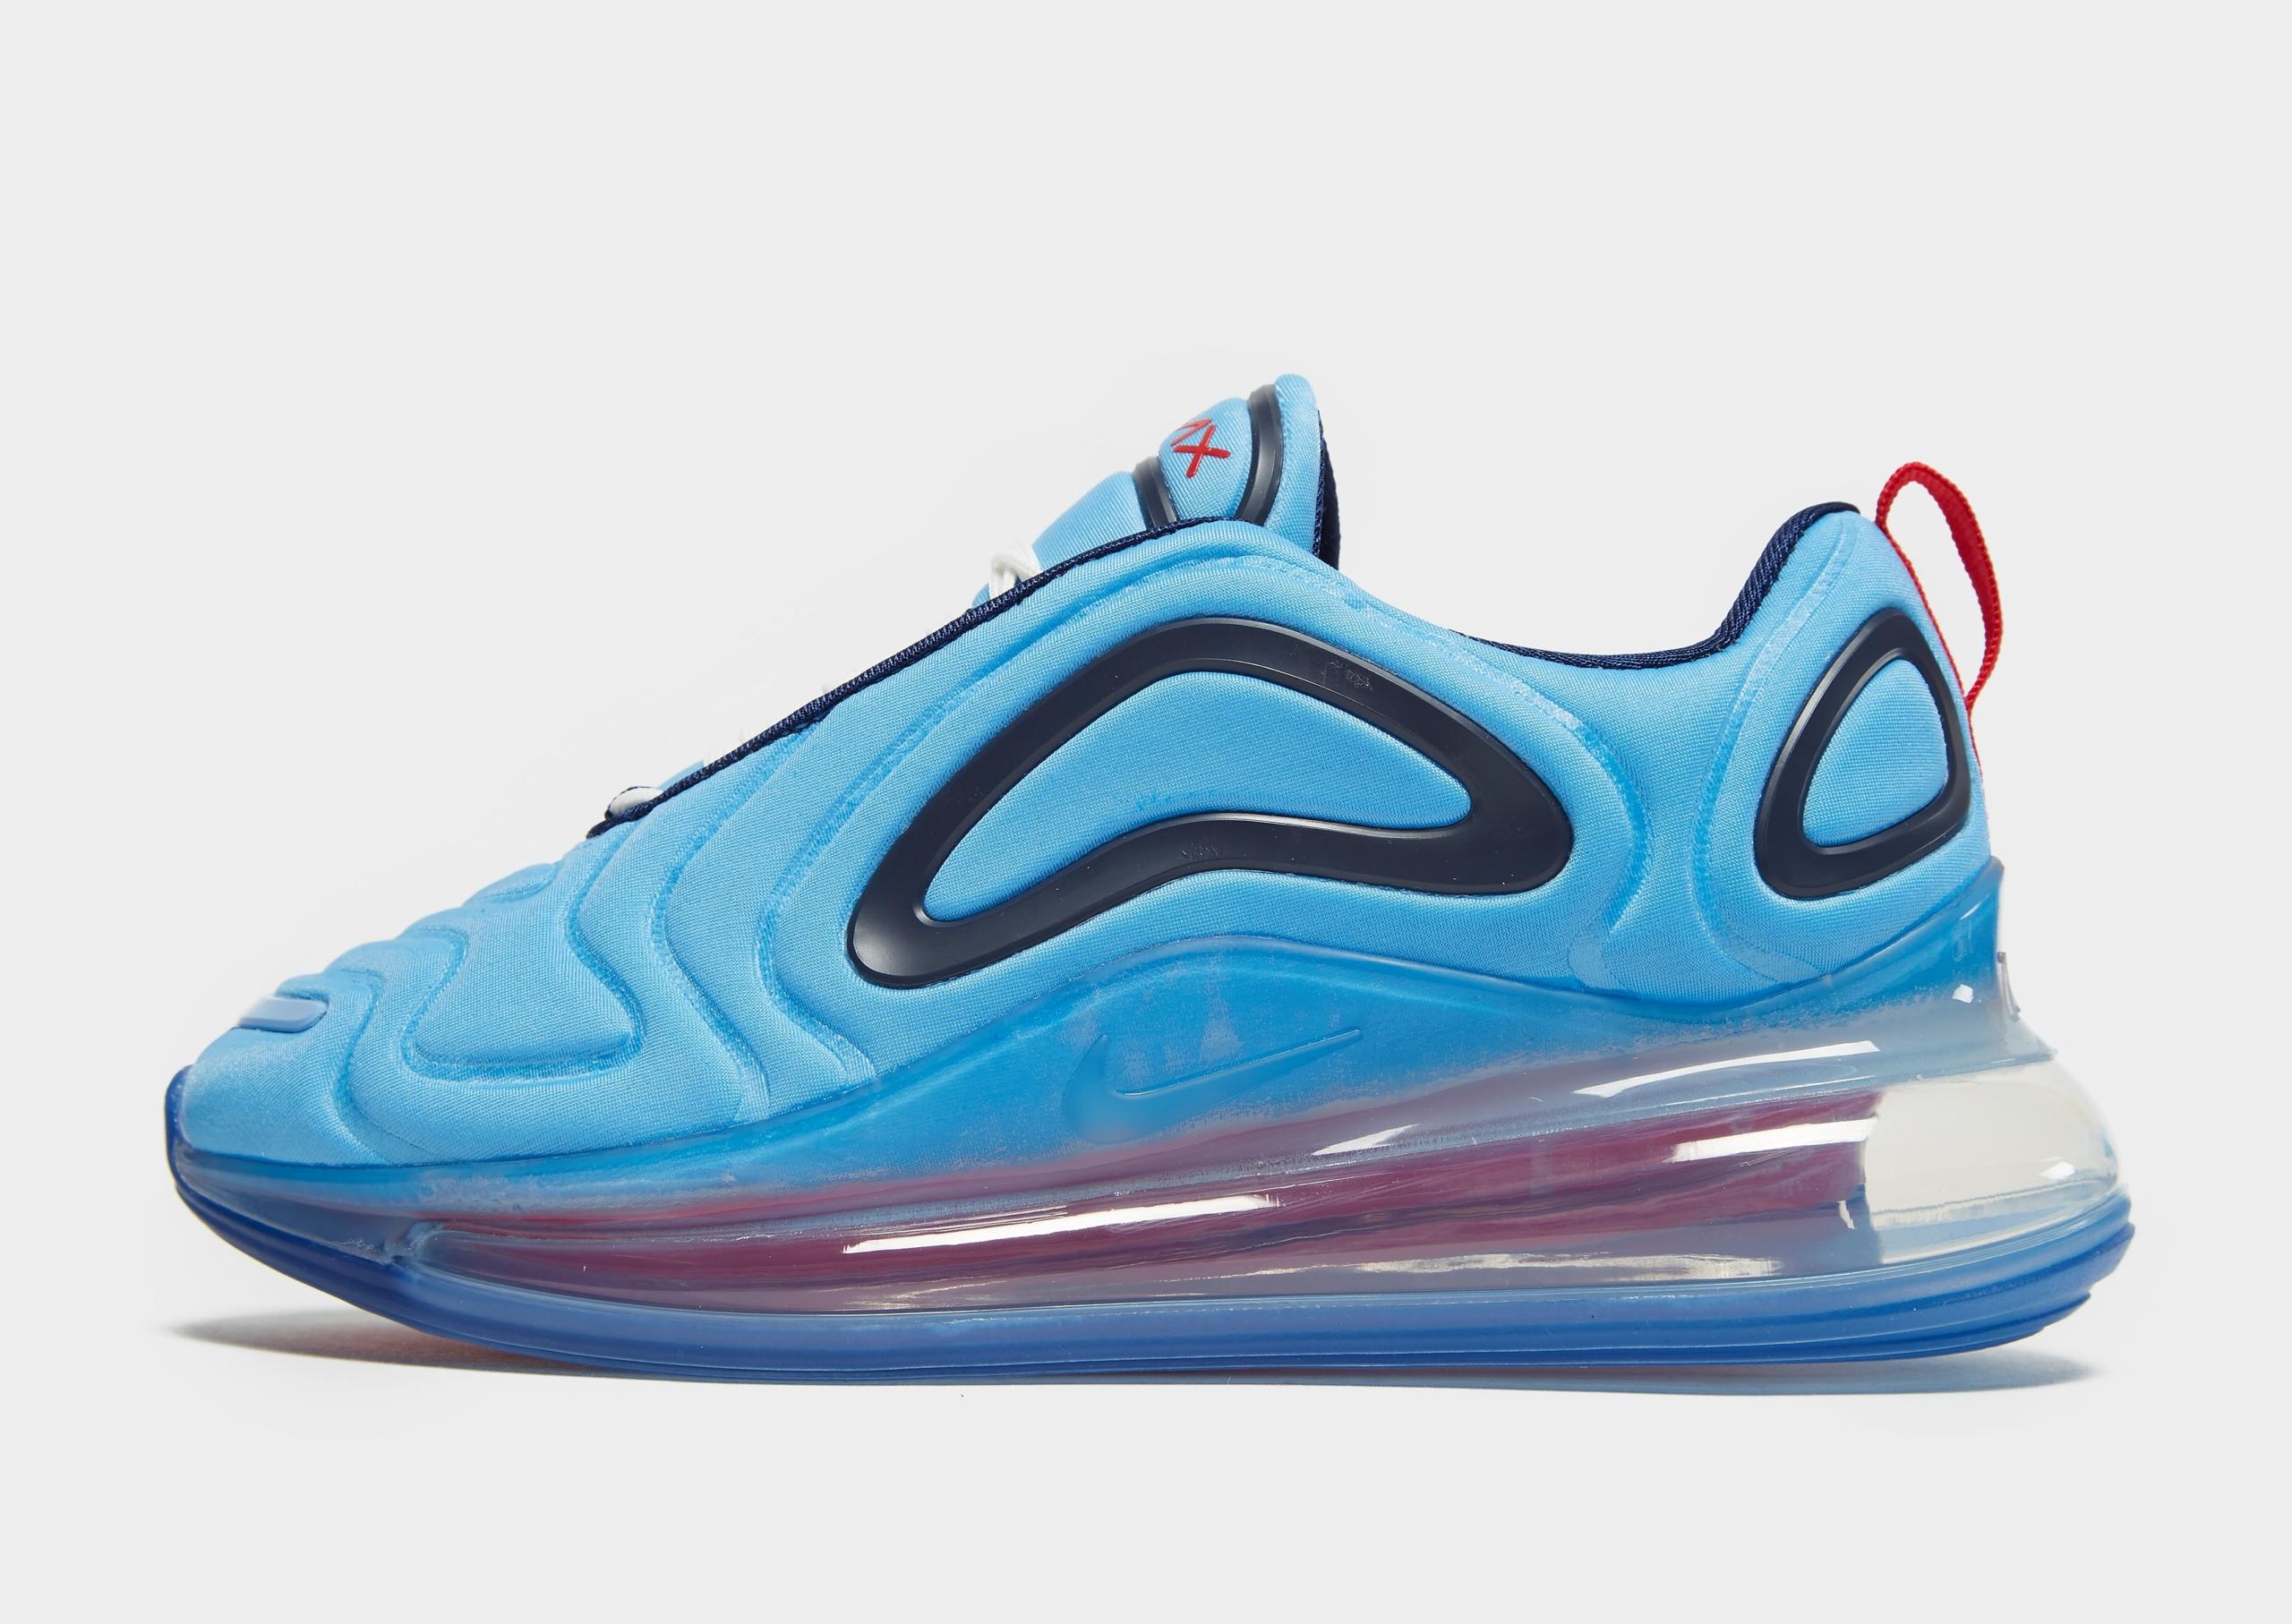 Nike Air Max 720 Damen - Blau - Womens, Blau online kaufen ...